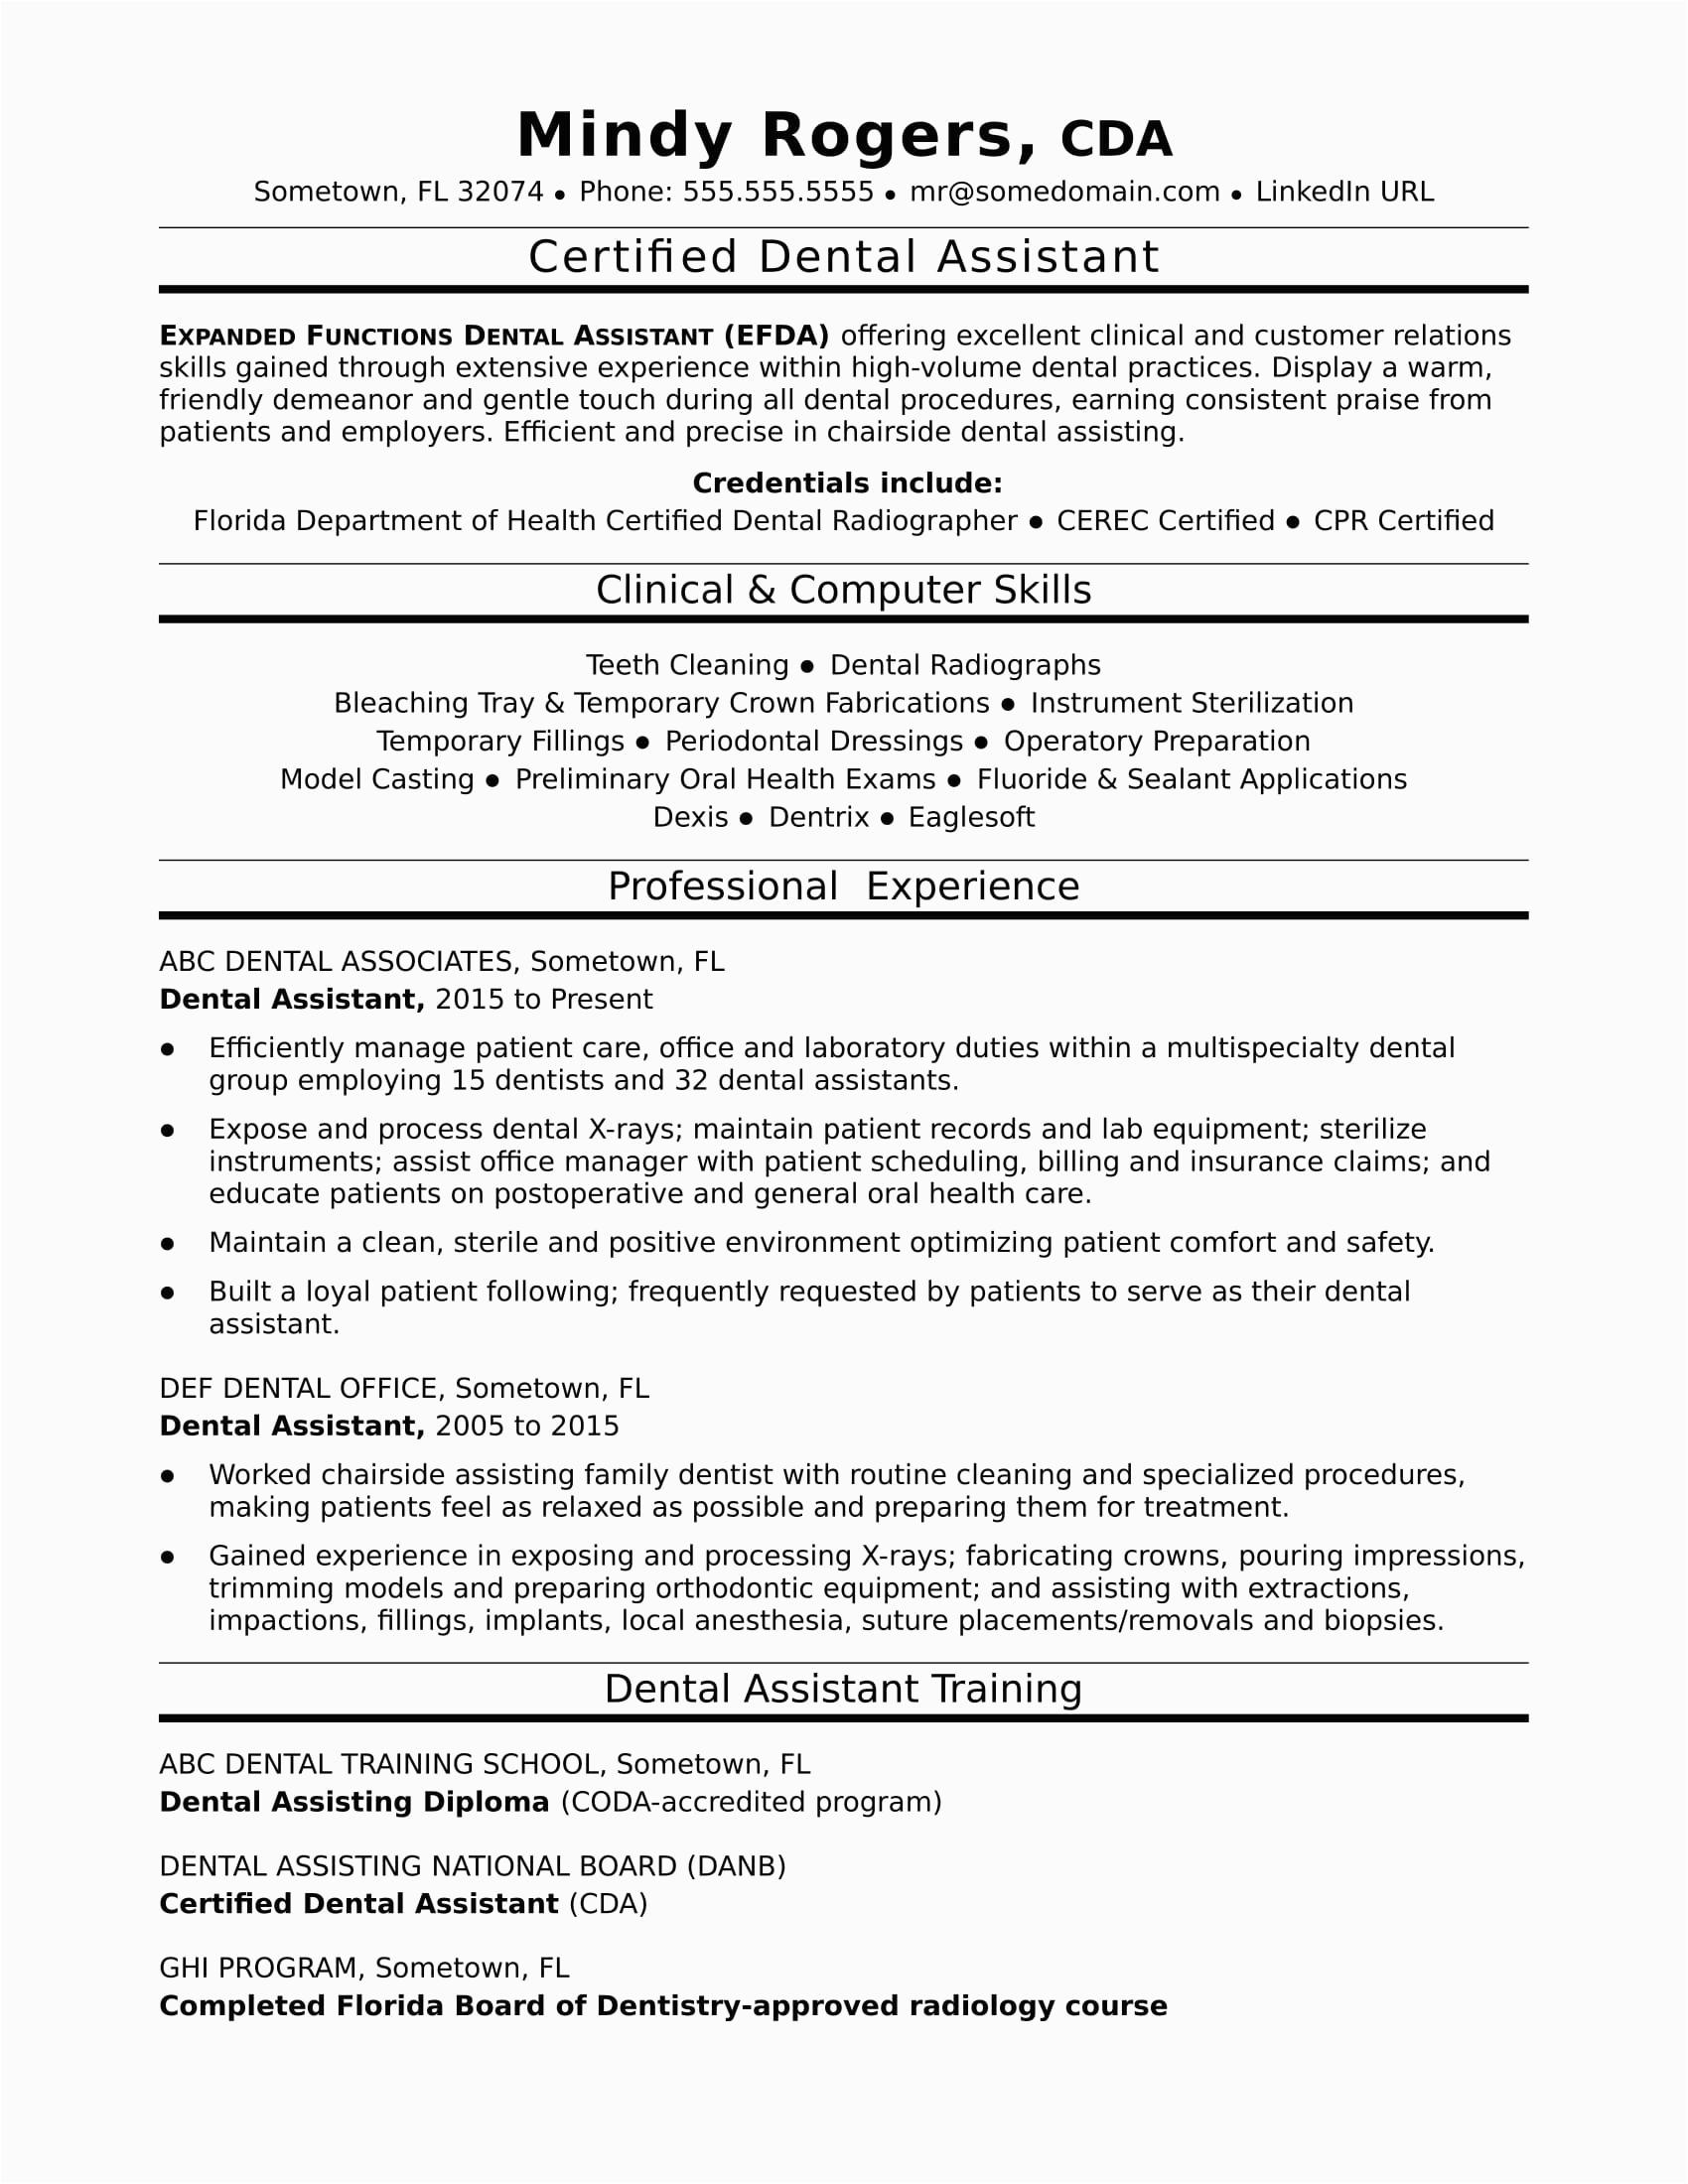 dental assistant resume samples